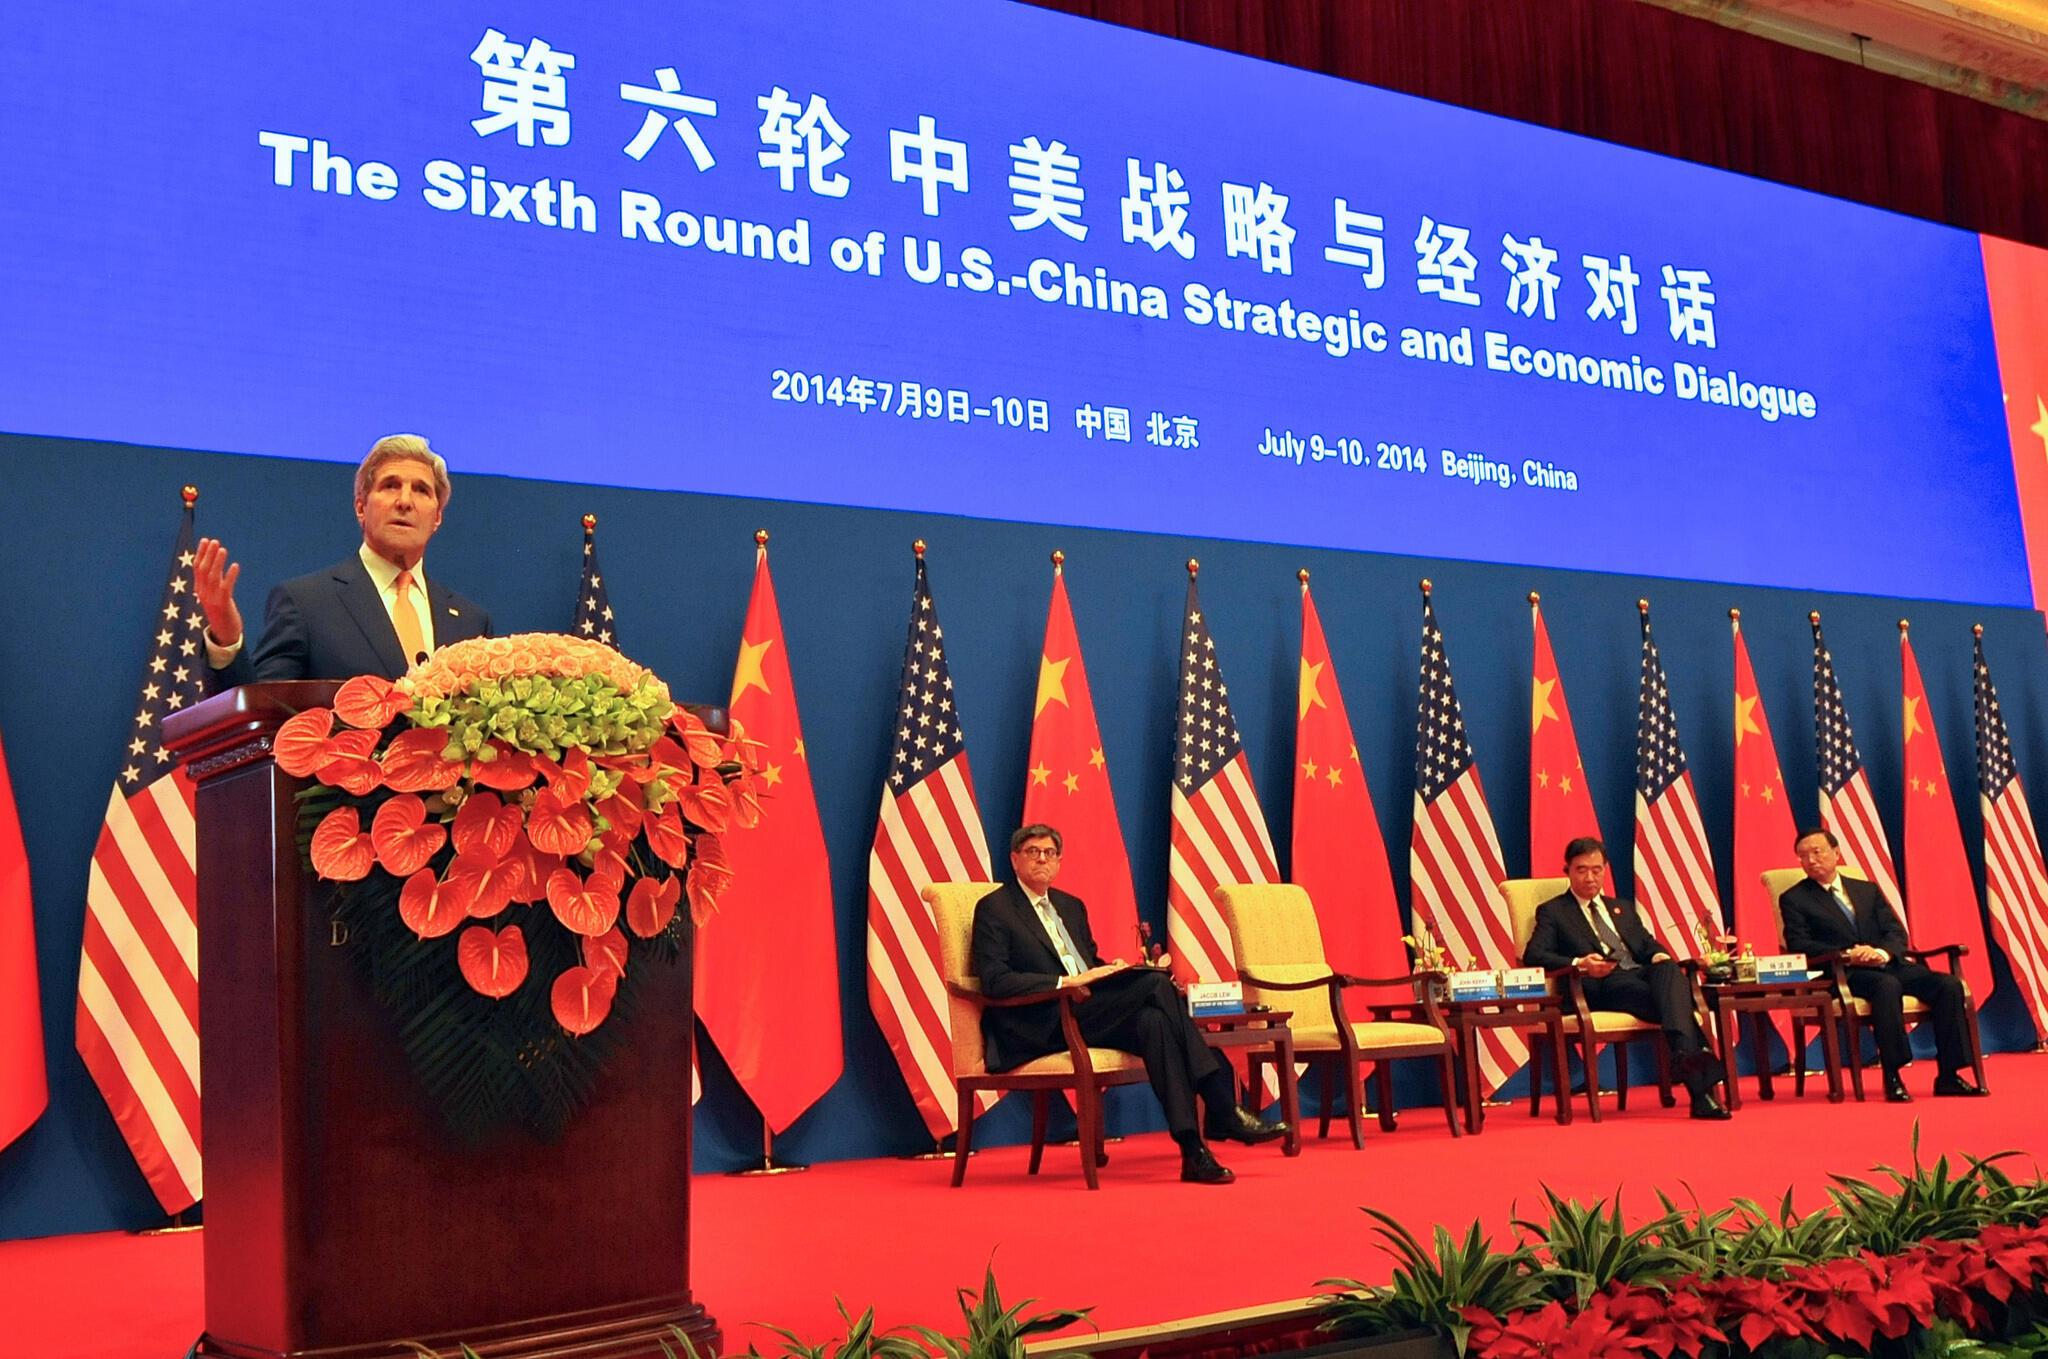 Ngoại trưởng Mỹ John Kerry khai mạc Đối thoại Chiến lược Mỹ Trung, ngày 09/07/2014 tại Bắc Kinh